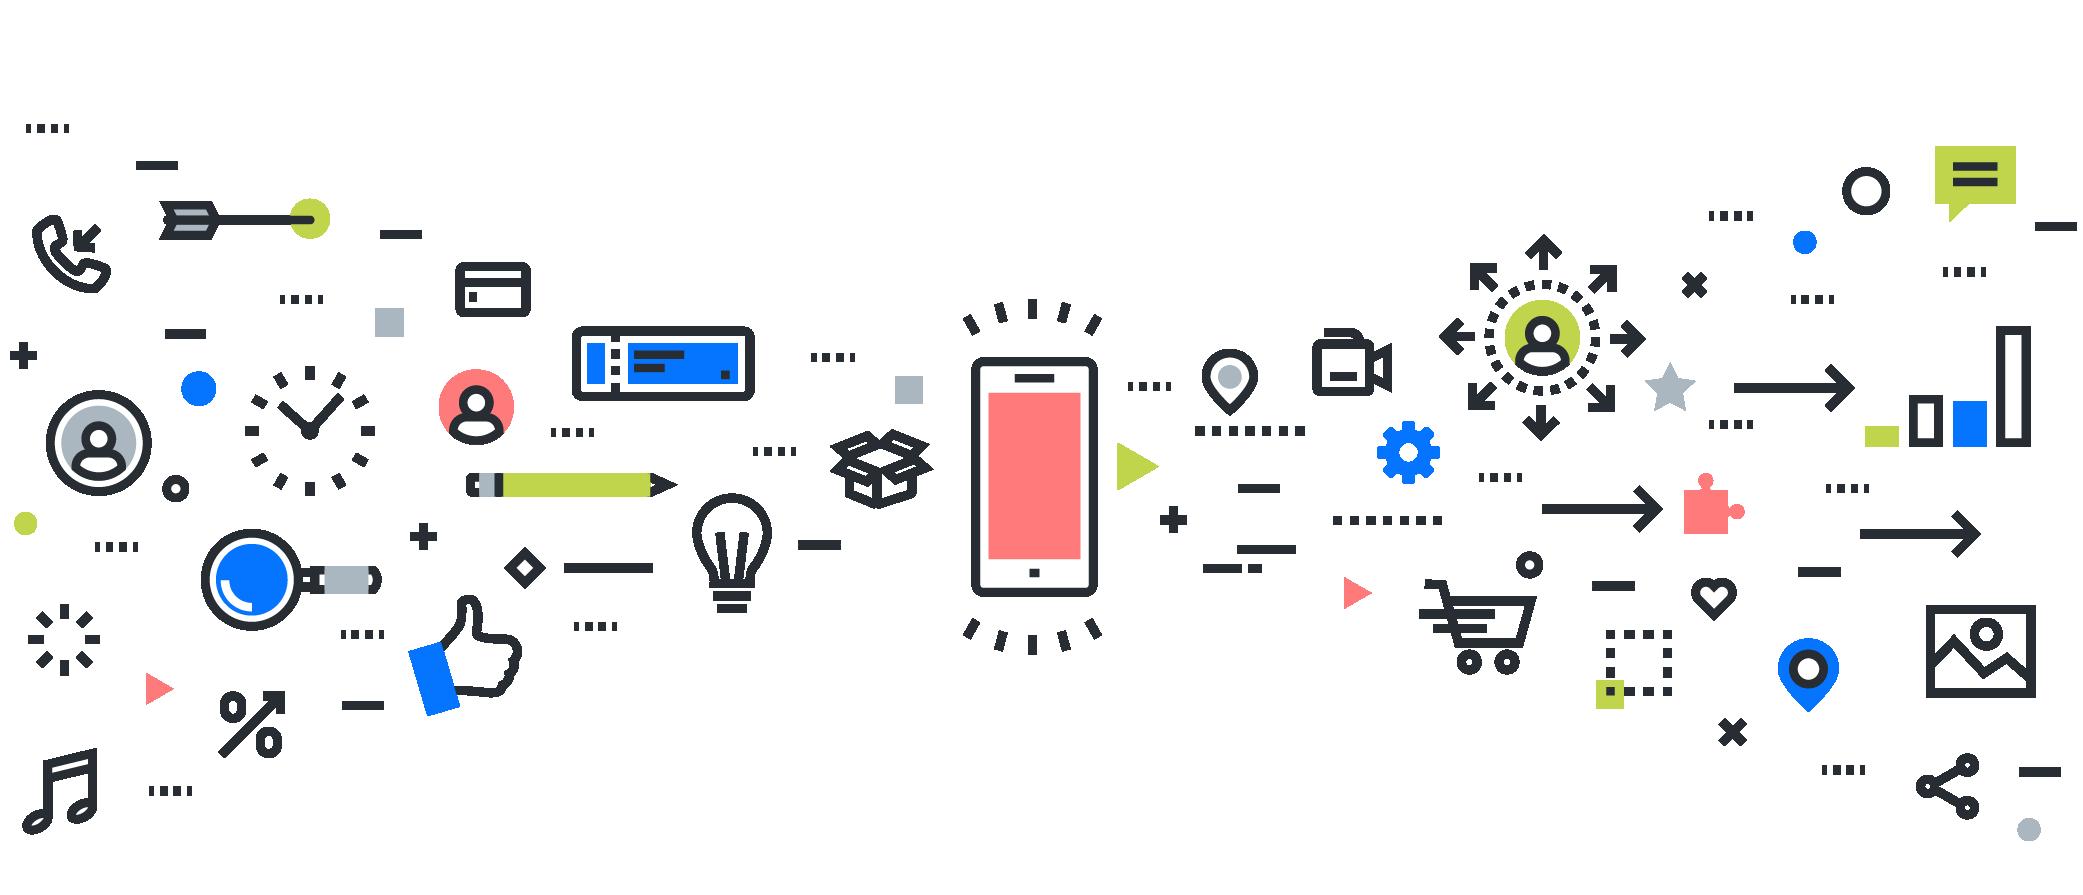 AMA16 mobile e1550673875228 - Food & drink manufacturer social media service